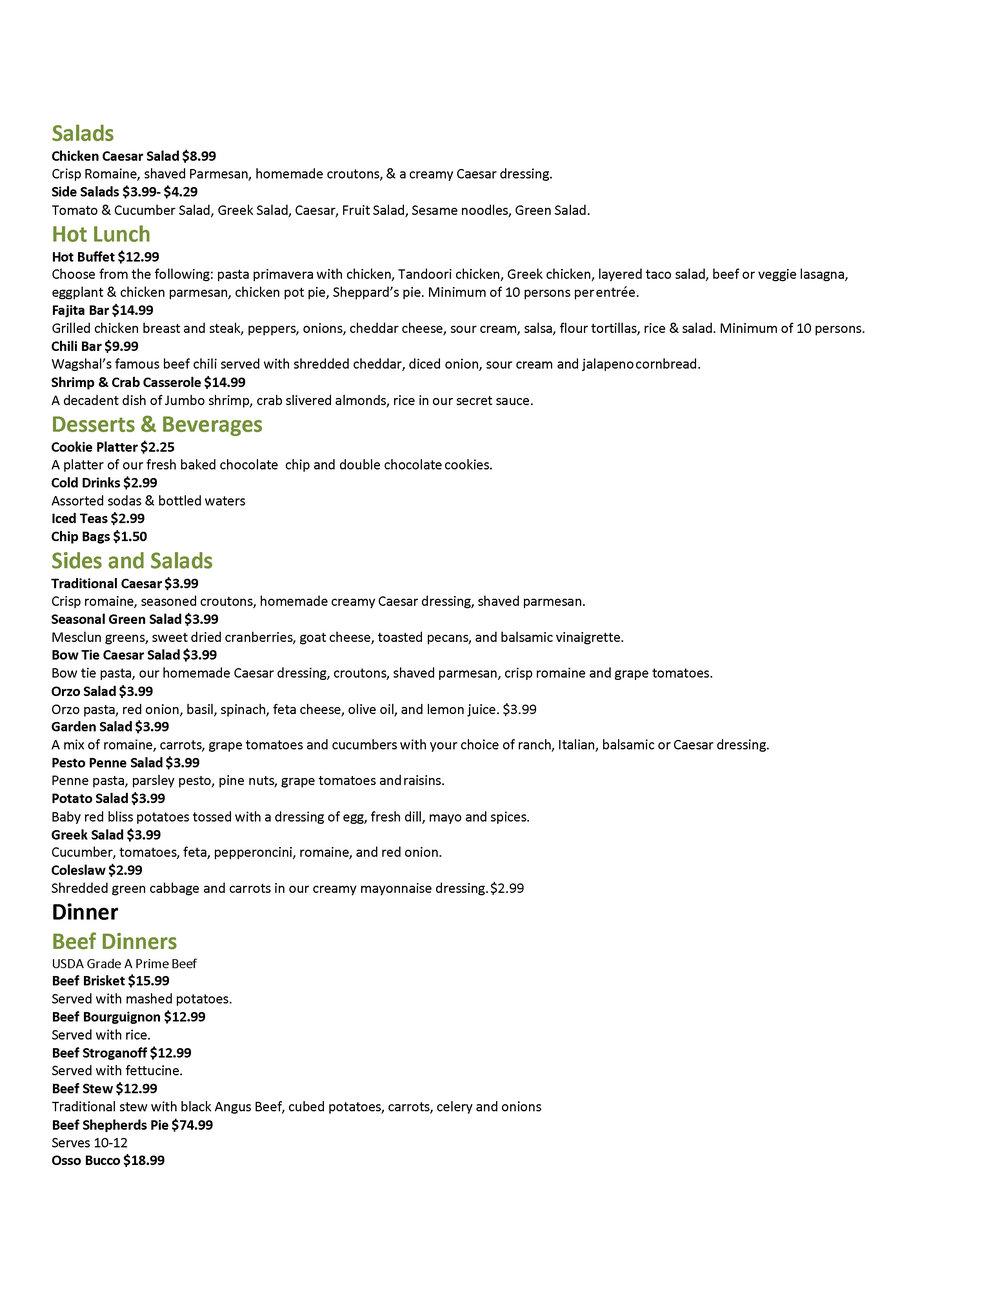 SpringValley Catering Menu_Page_2.jpg